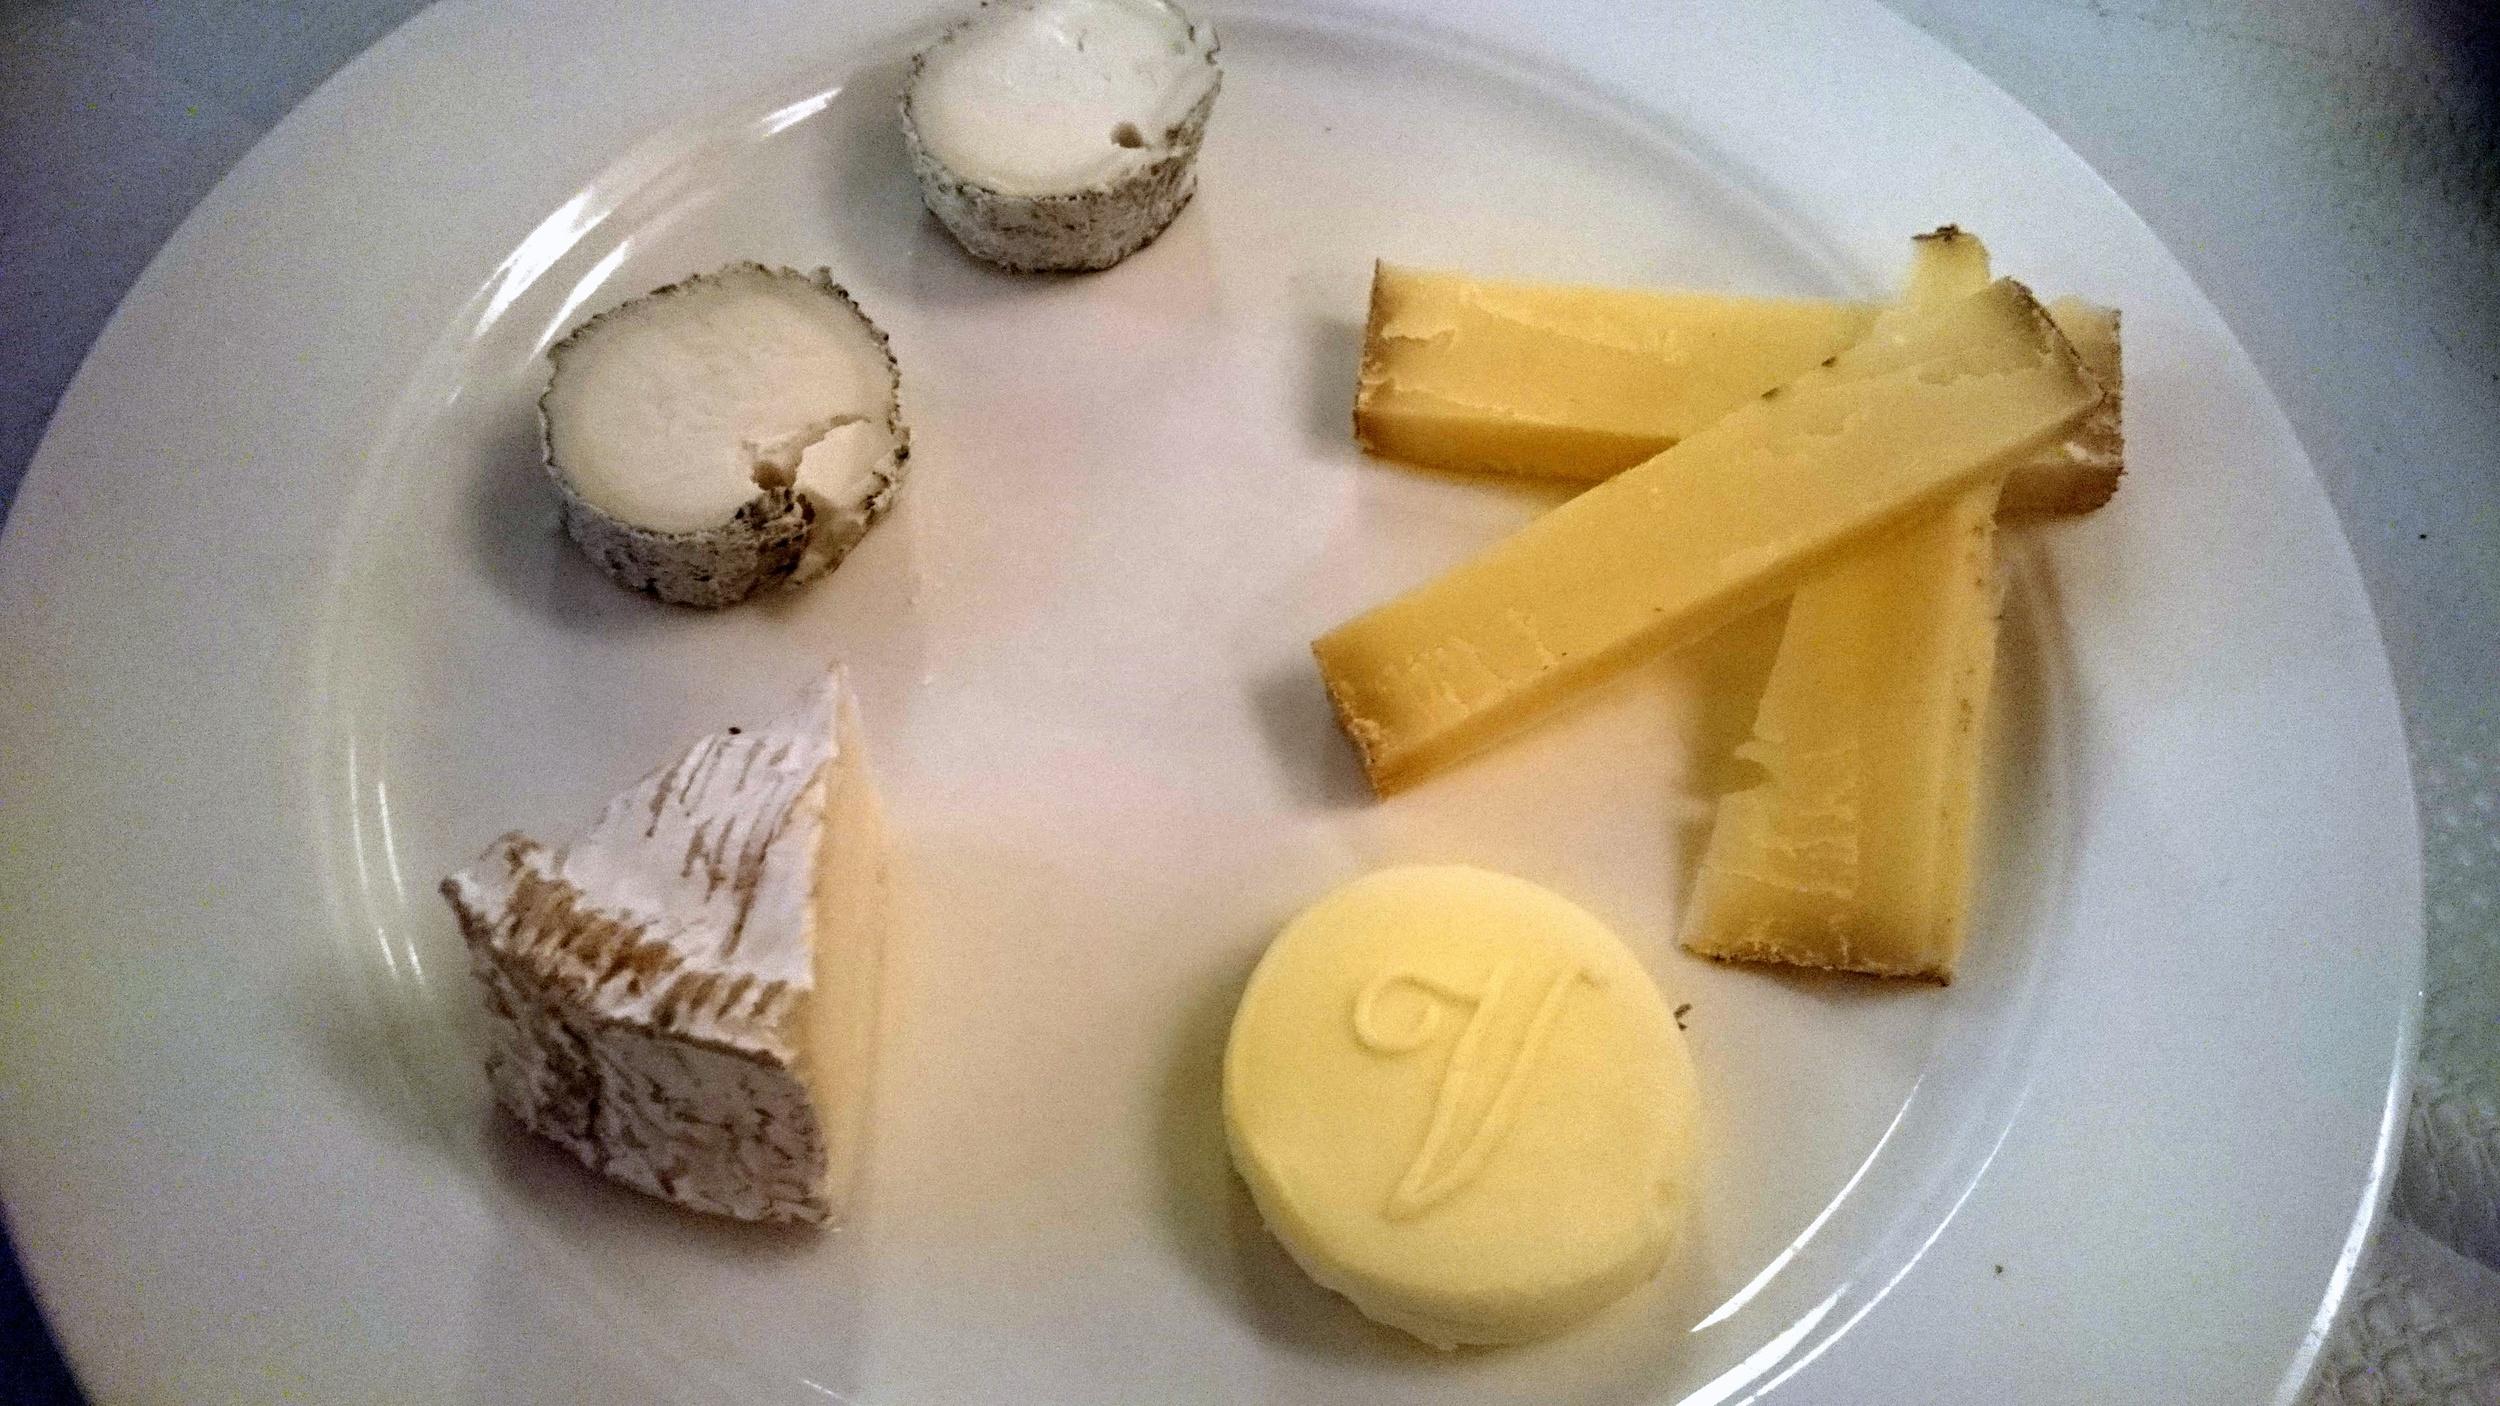 Camembert (vache lait cru, bas gauche), Sainte-Maure de Touraine (chèvre, haut gauche), Comté (vache, haut droite)